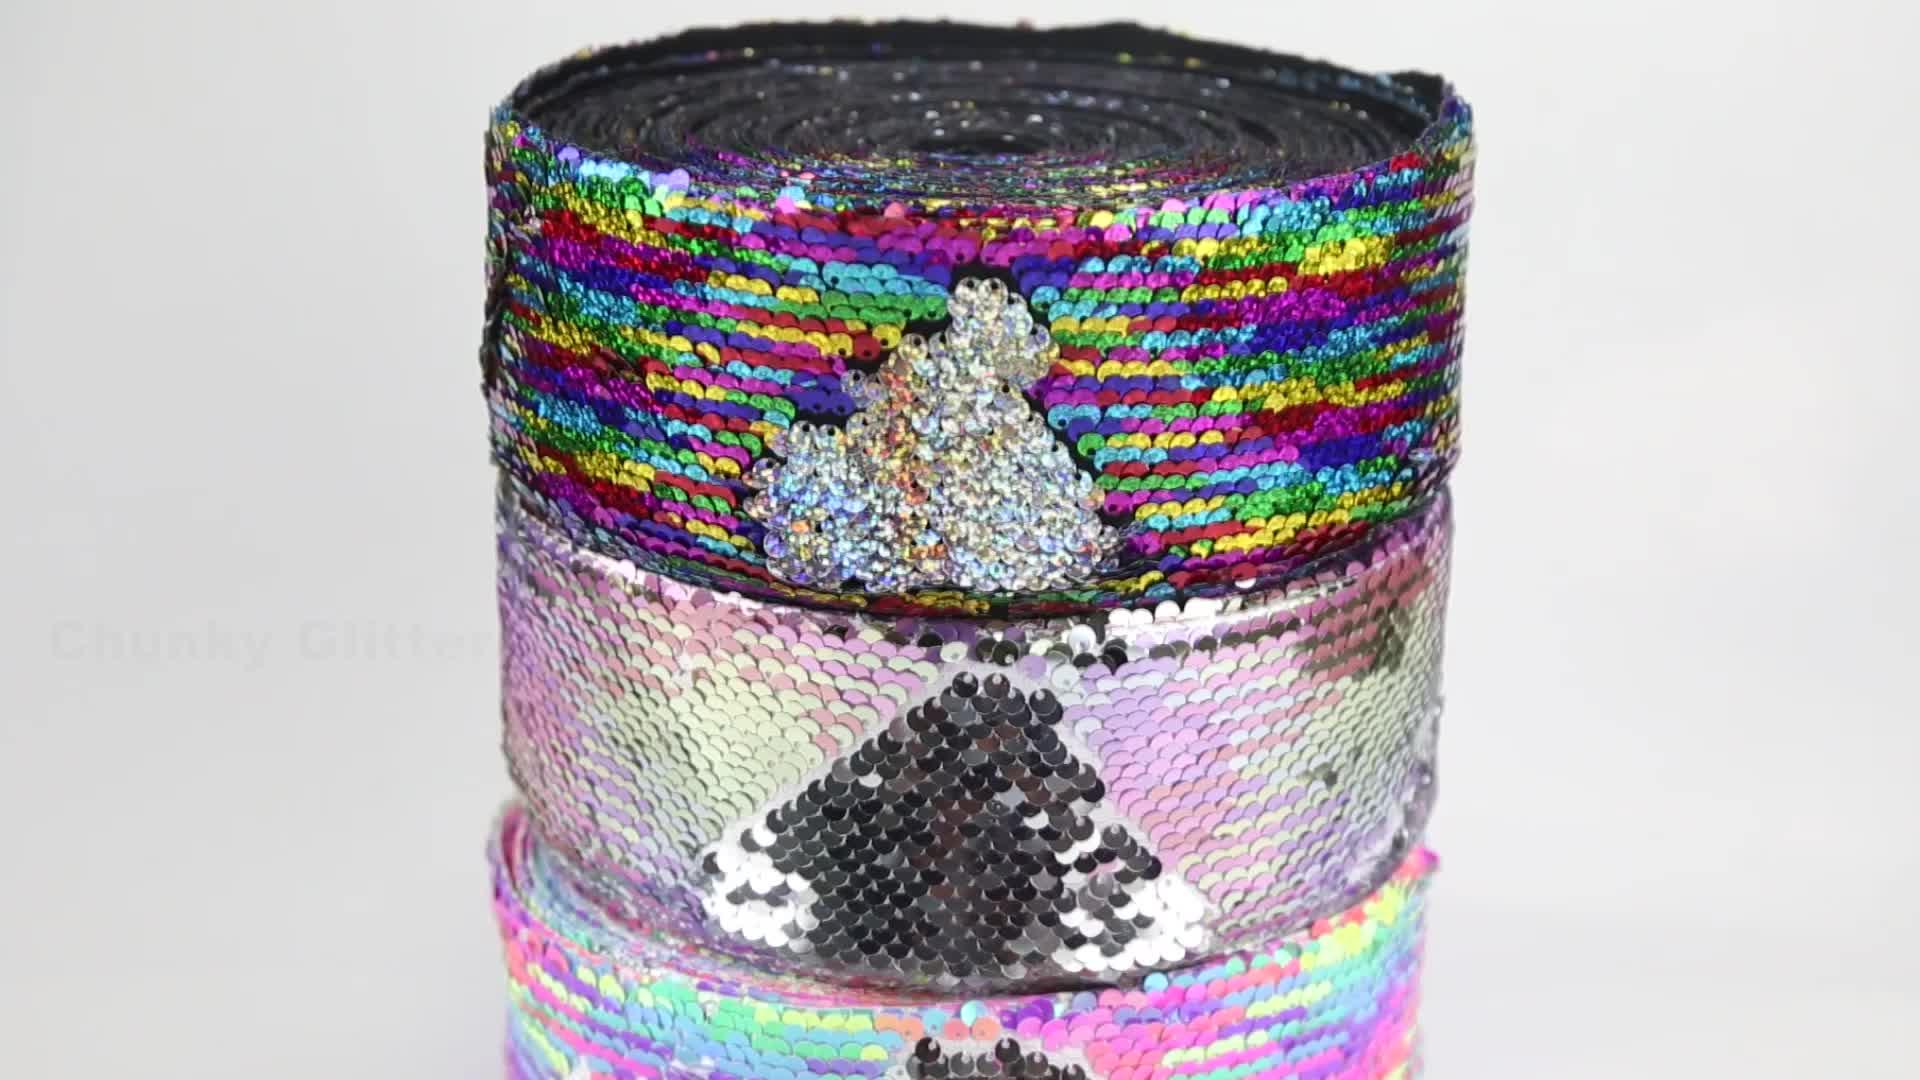 75mm 3 inç geri dönüşümlü pullu kumaş şerit